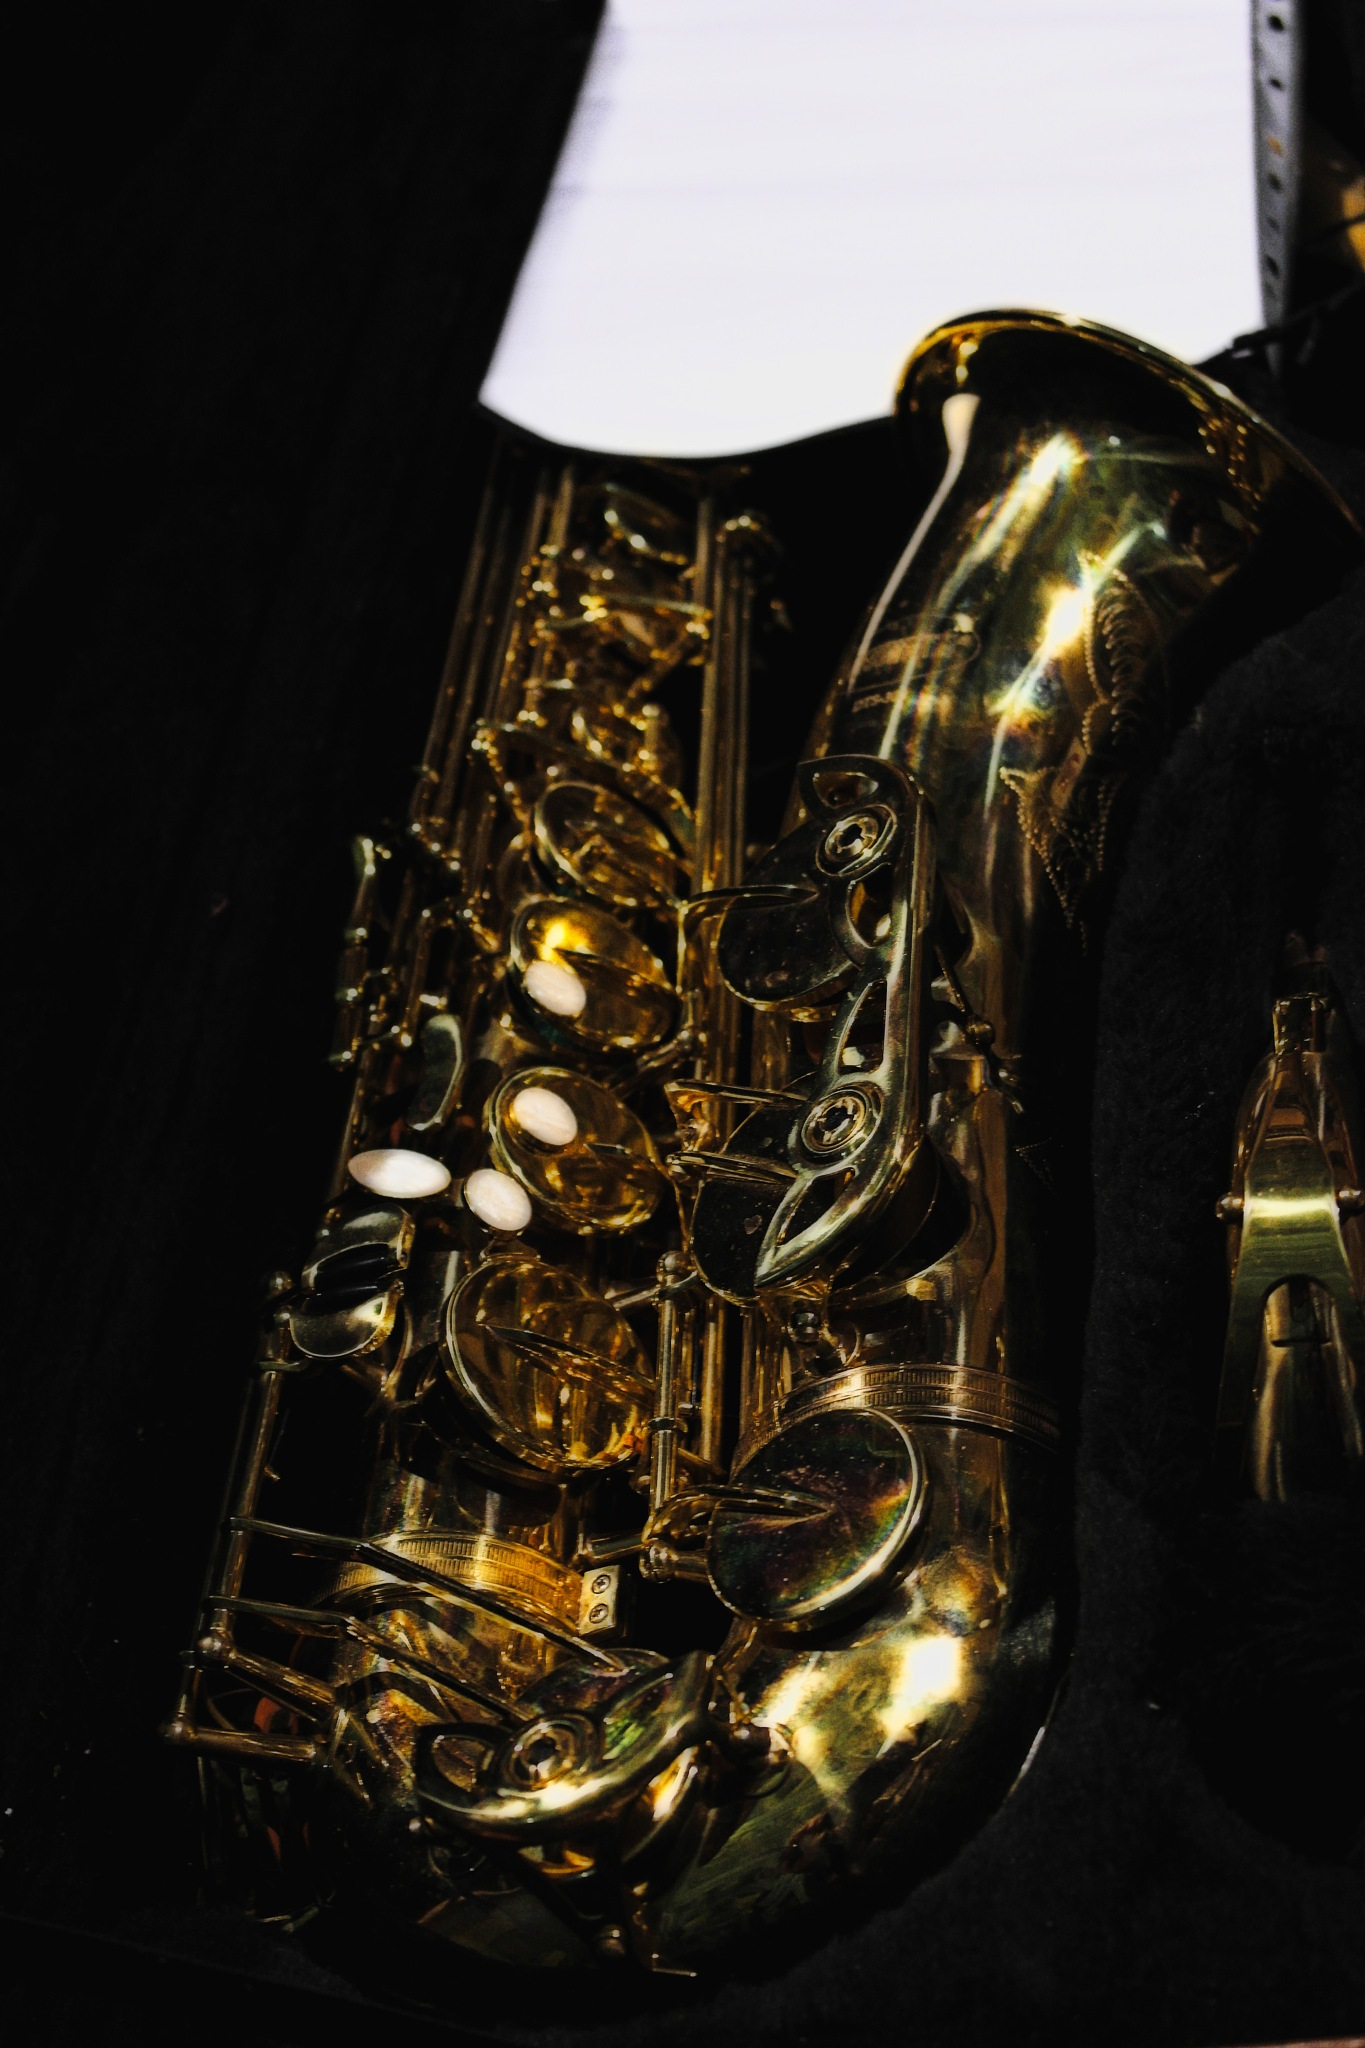 The saxofone by Antonello Putignani